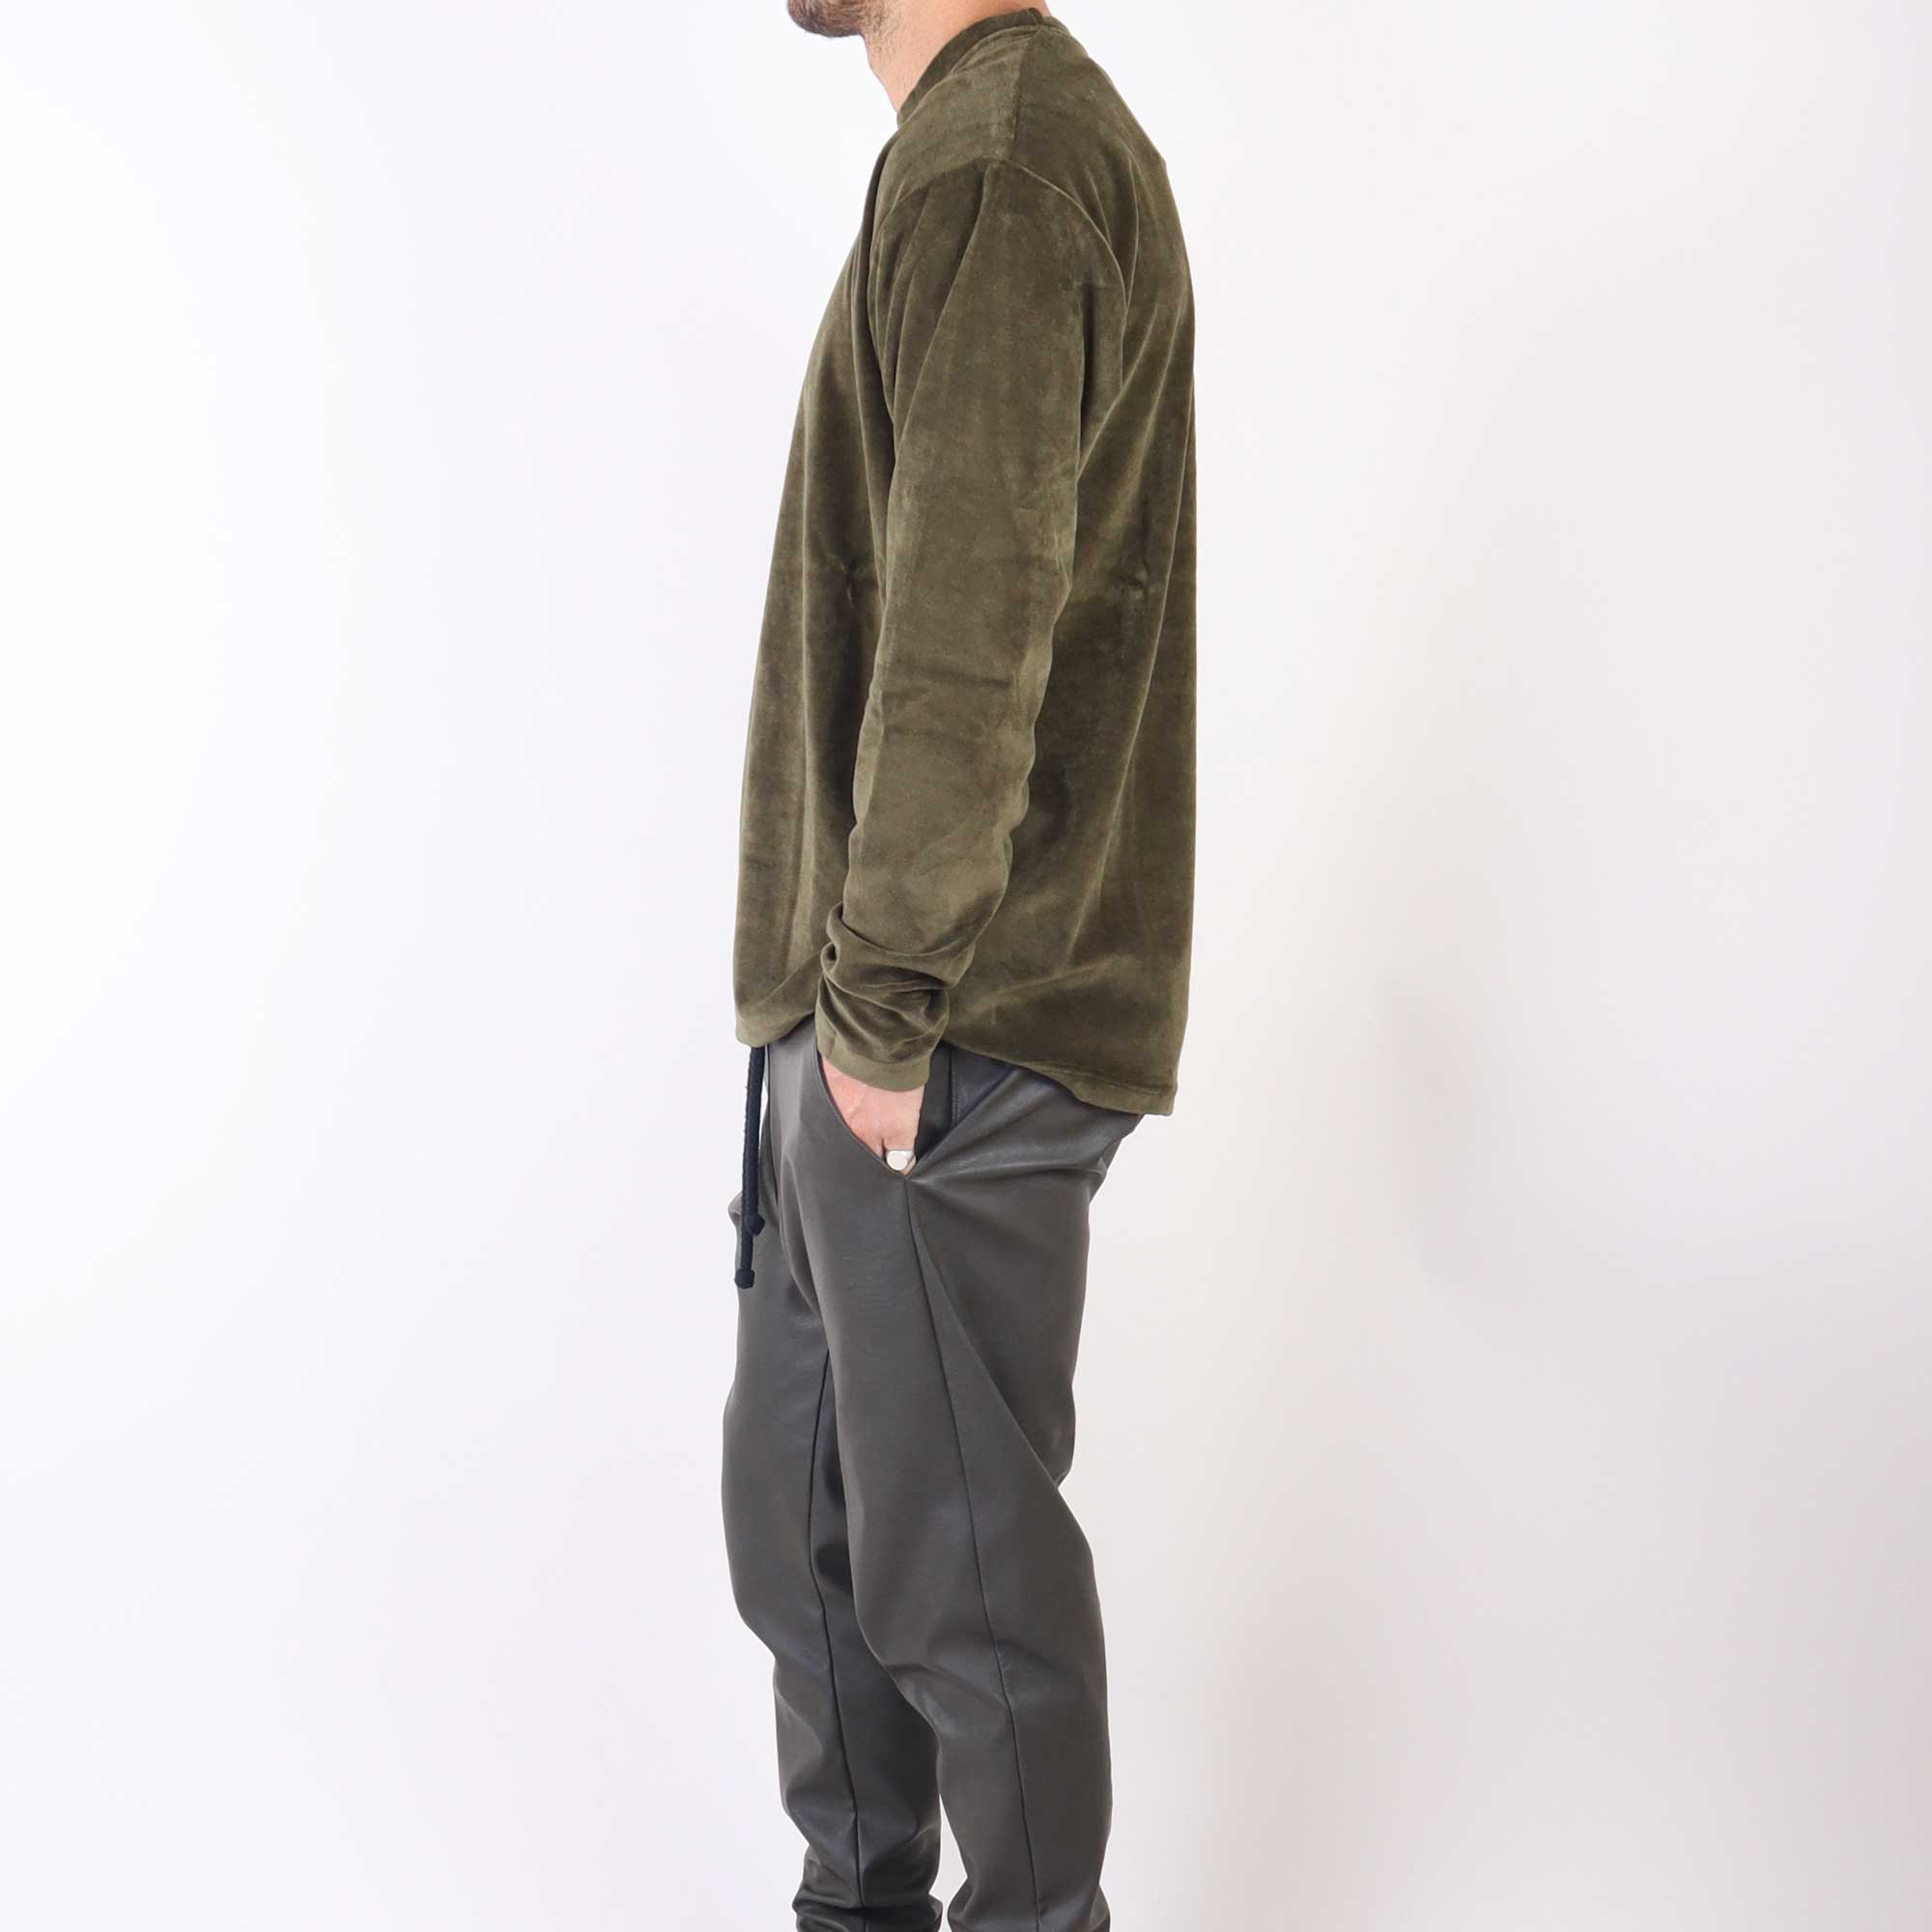 velvet-groen-3